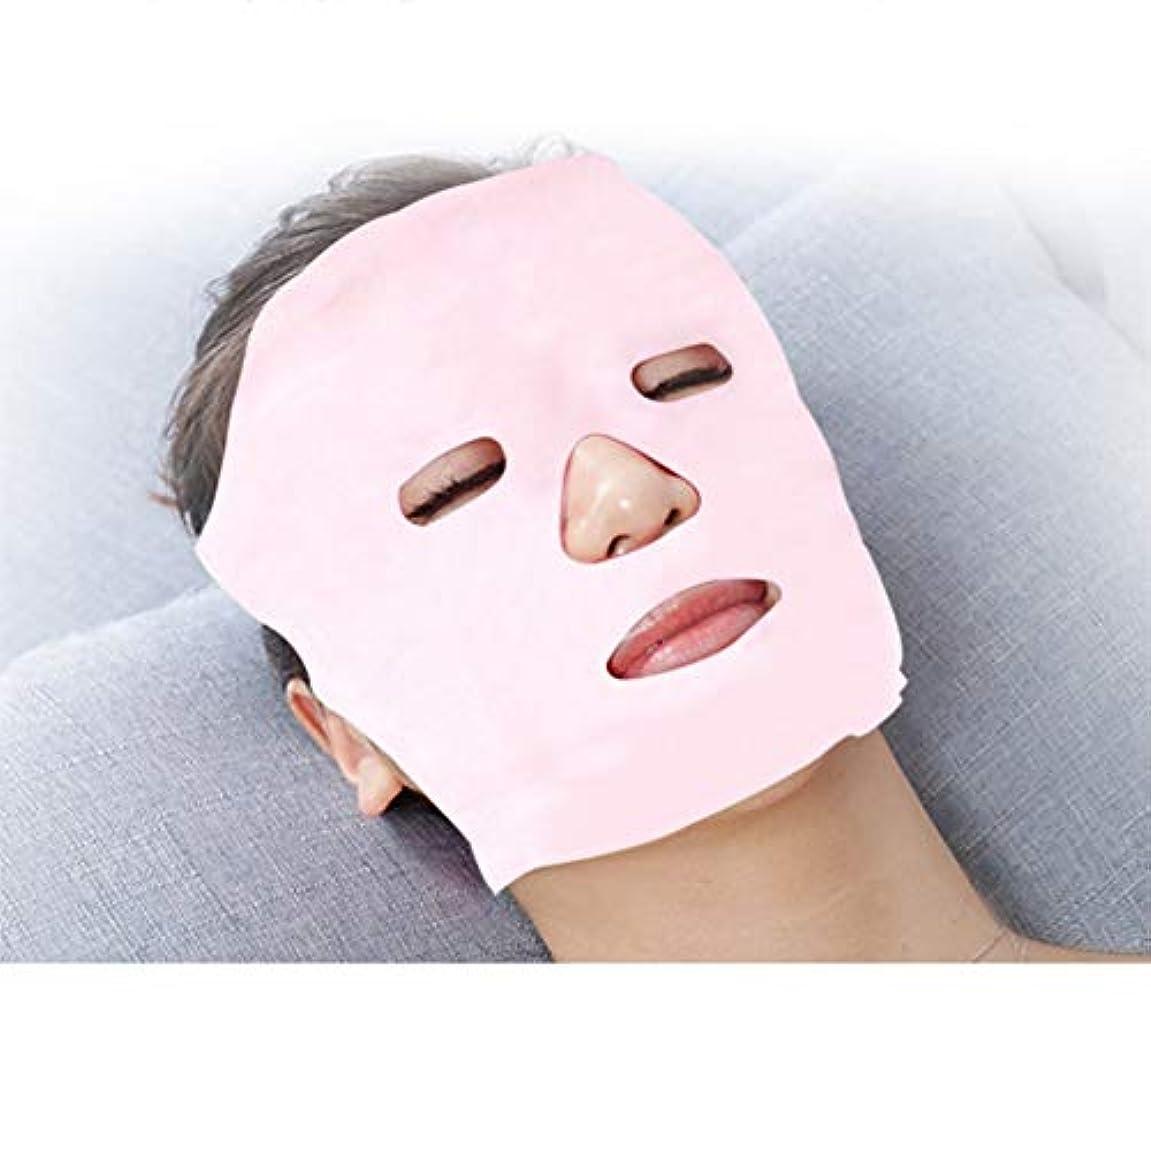 結果デコードする登るトルマリンジェル マグネットマスク マッサージマスク 颜美容 フェイスマスク 薄い顔 肤色を明るく ヘルスケアマスク 磁気 ェイスポーチ Cutelove